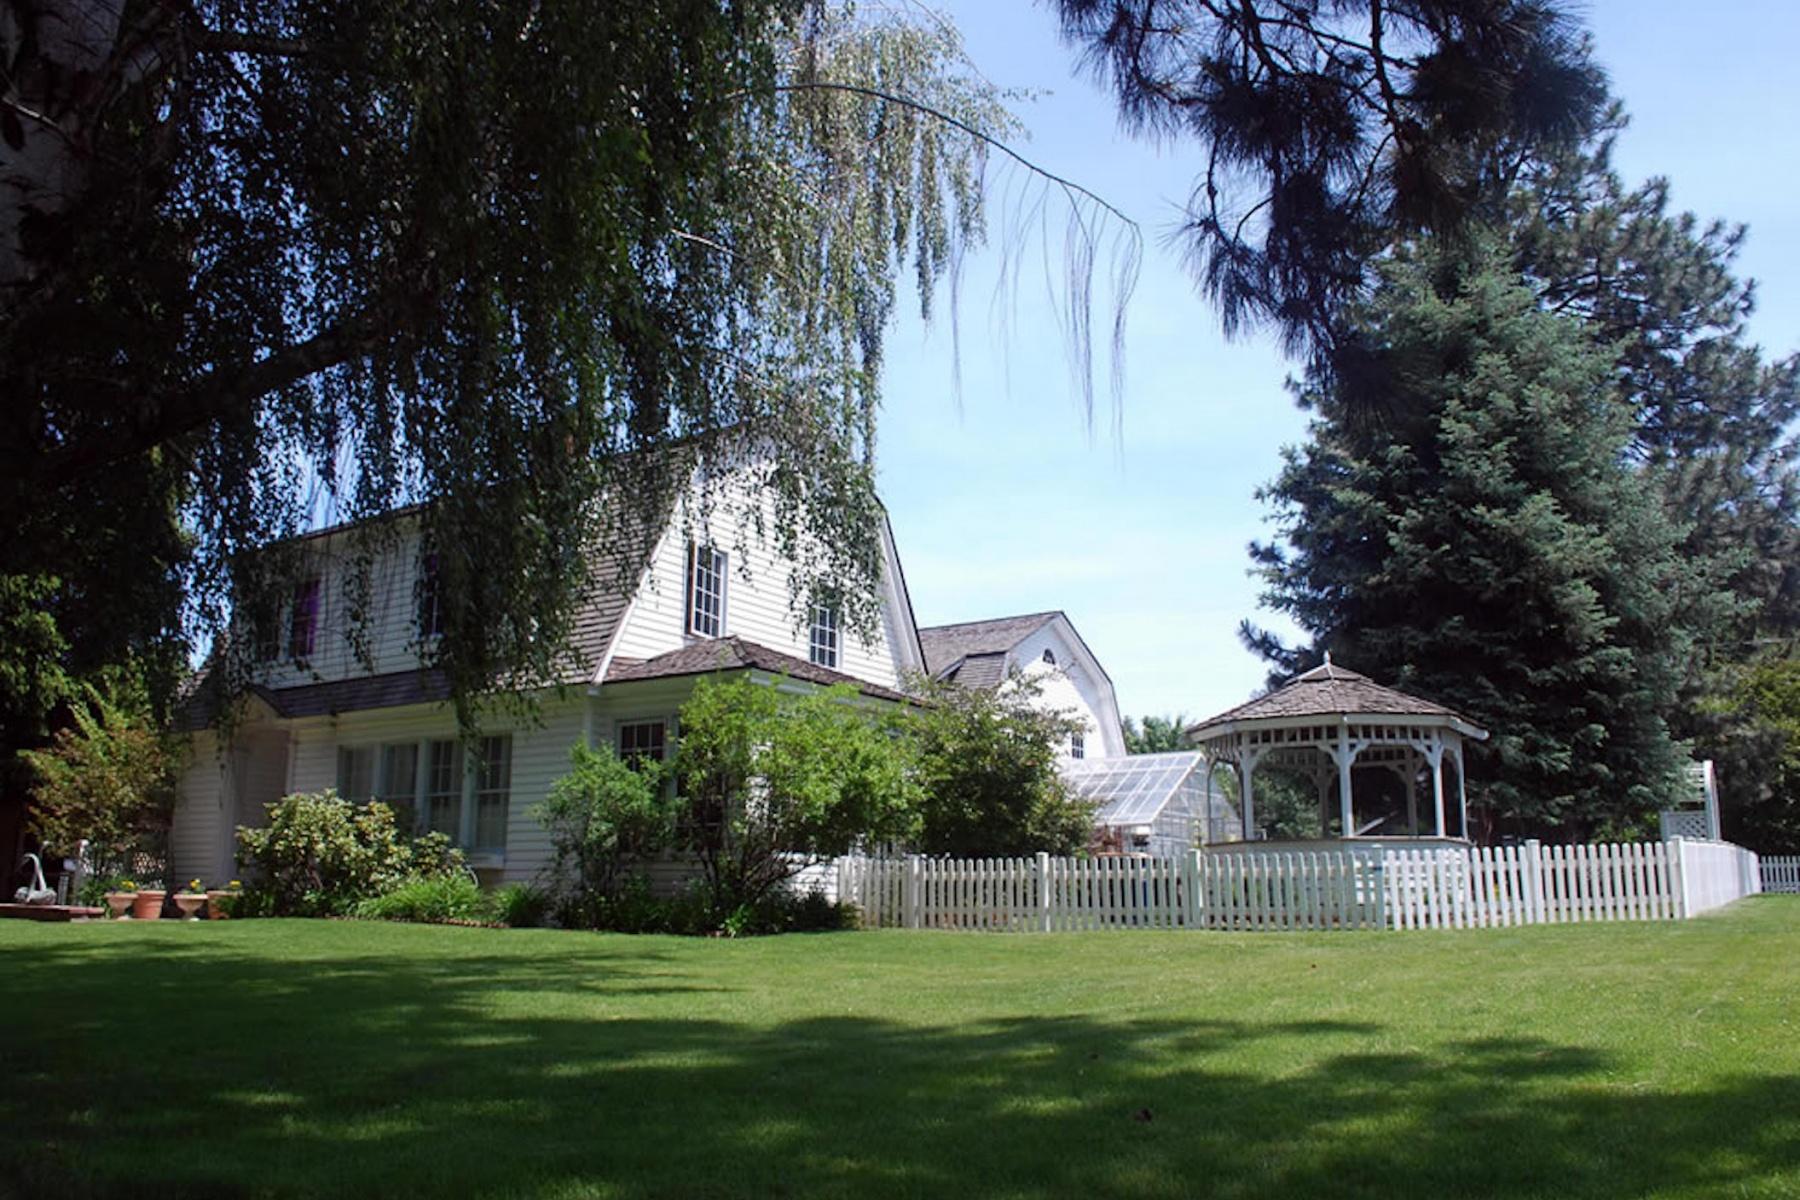 Casa para uma família para Venda às Historic Bend Riverside Home 708 NW Riverside Blvd Bend, Oregon, 97703 Estados Unidos